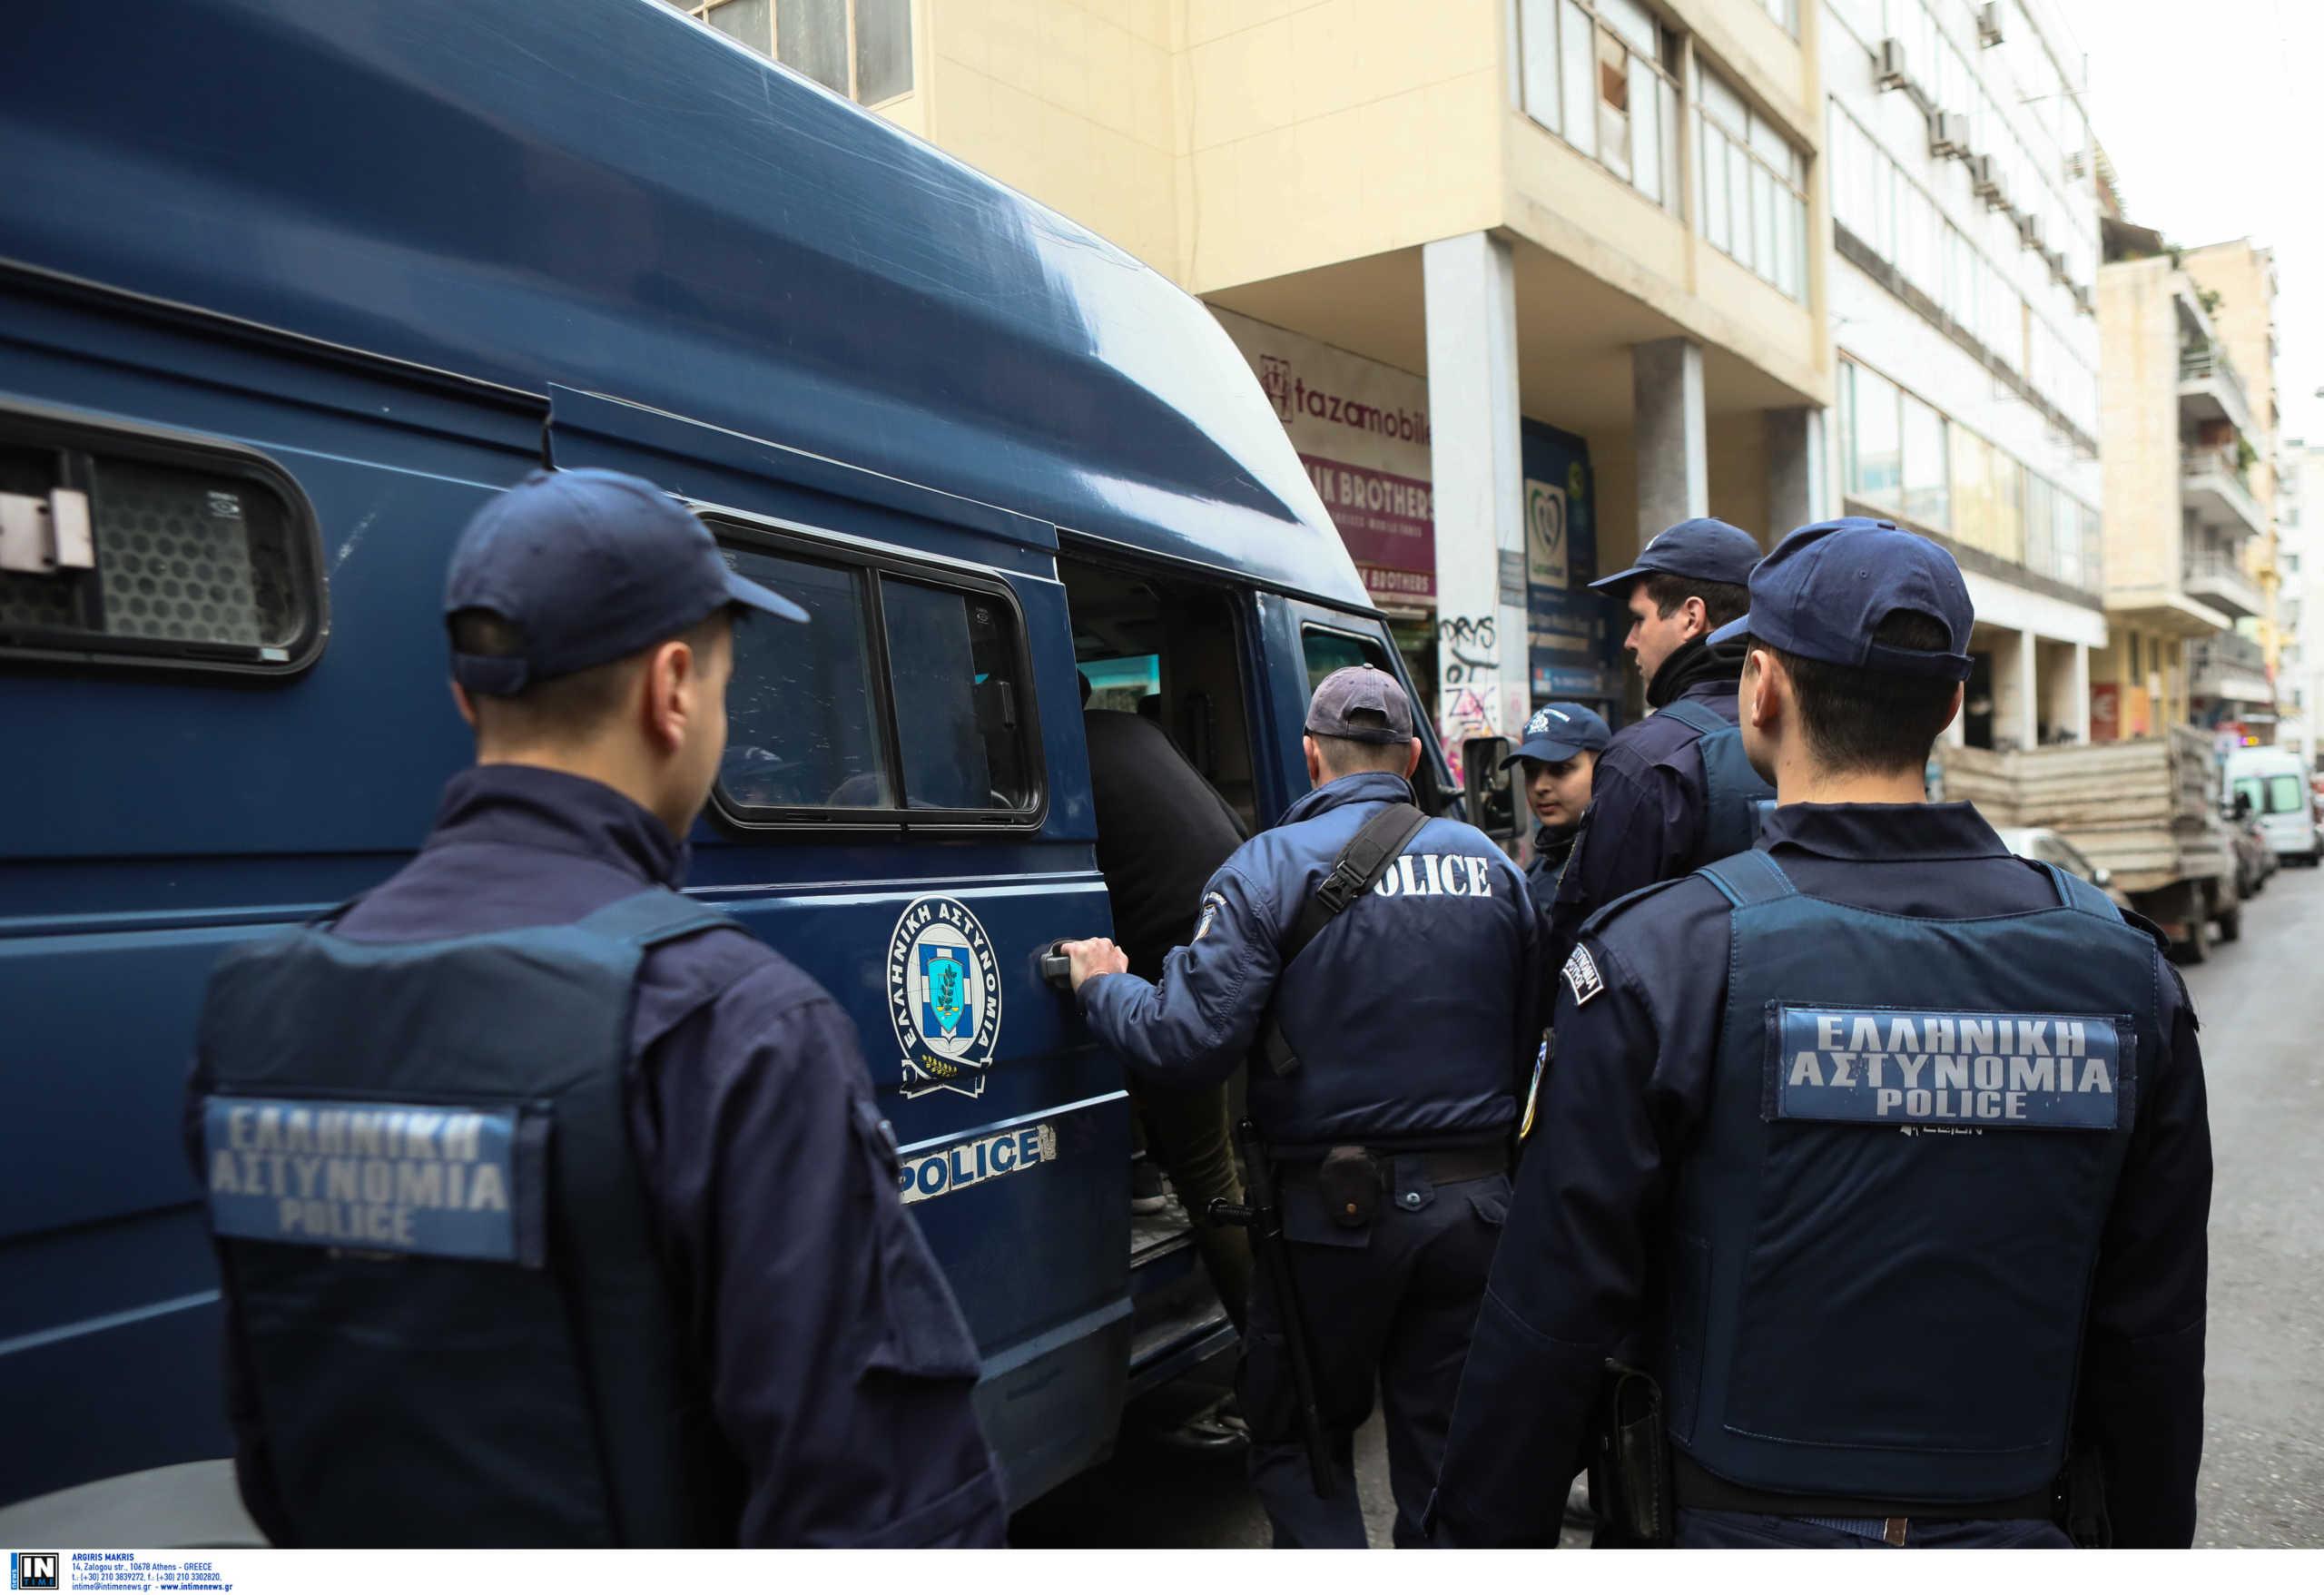 193 συλλήψεις μέσα σε 20 ημέρες από την ΕΛΑΣ στο κέντρο της Αθήνας